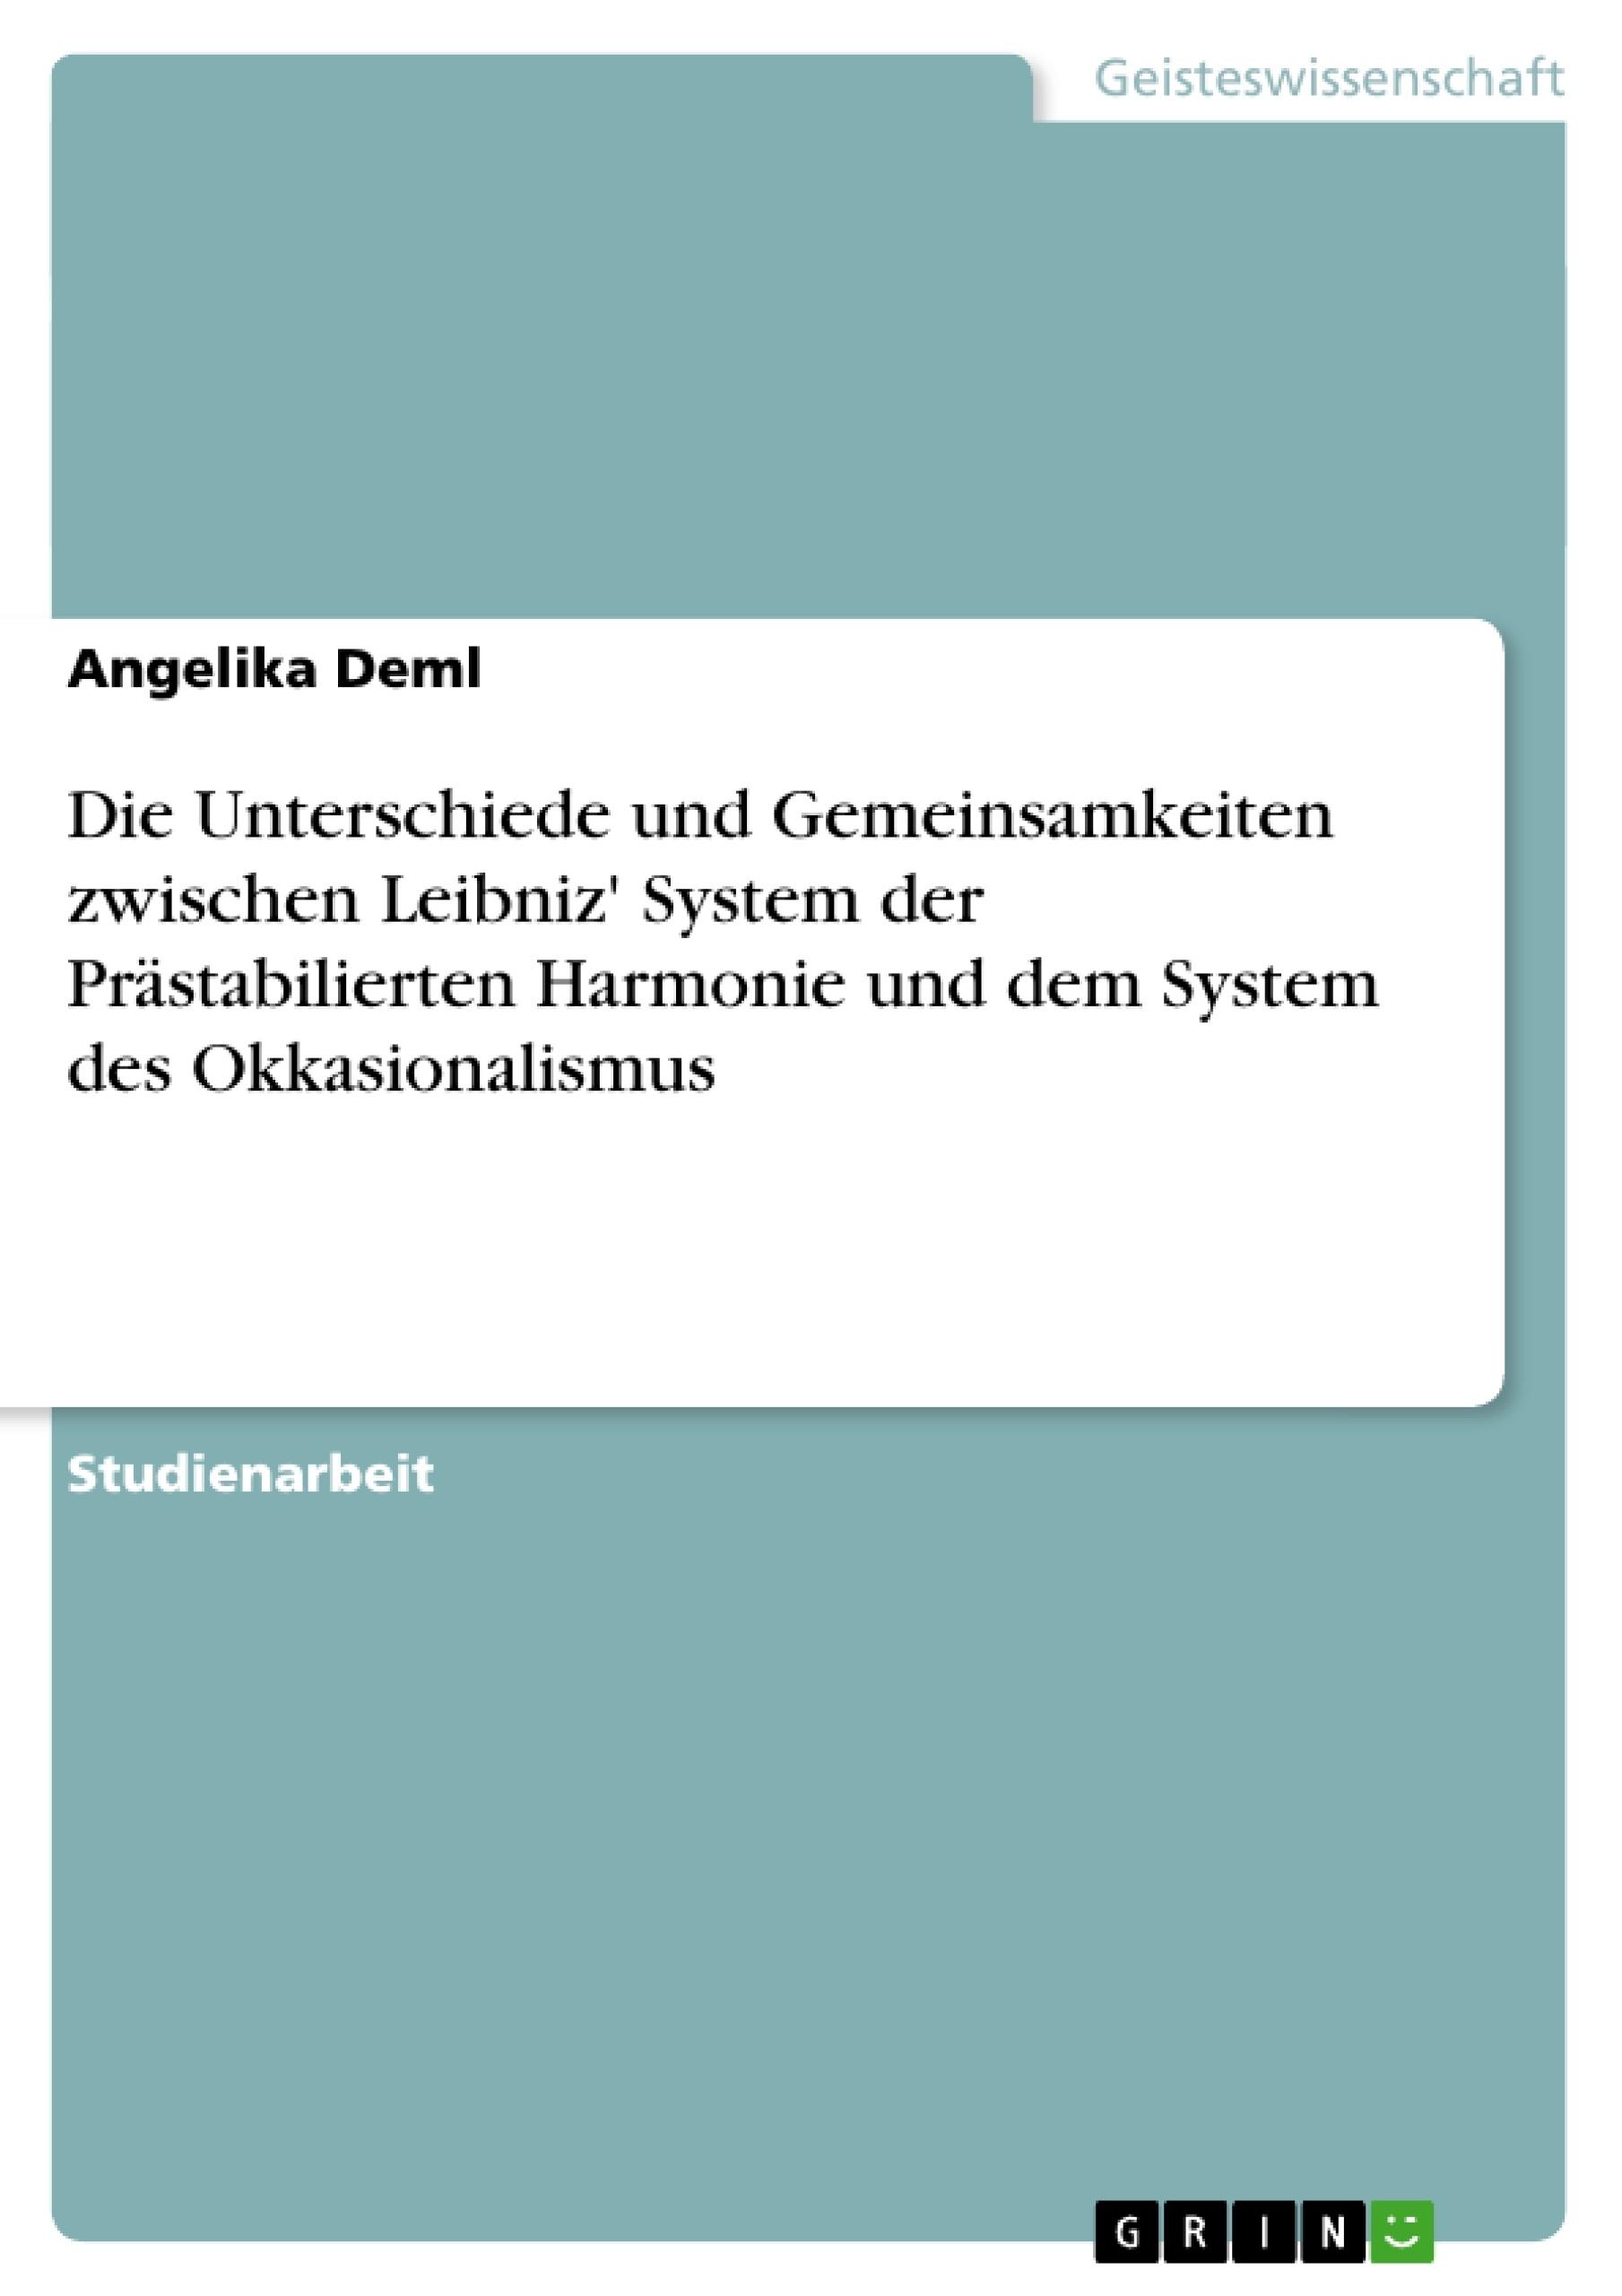 Titel: Die Unterschiede und Gemeinsamkeiten zwischen Leibniz' System der Prästabilierten Harmonie und dem System des Okkasionalismus